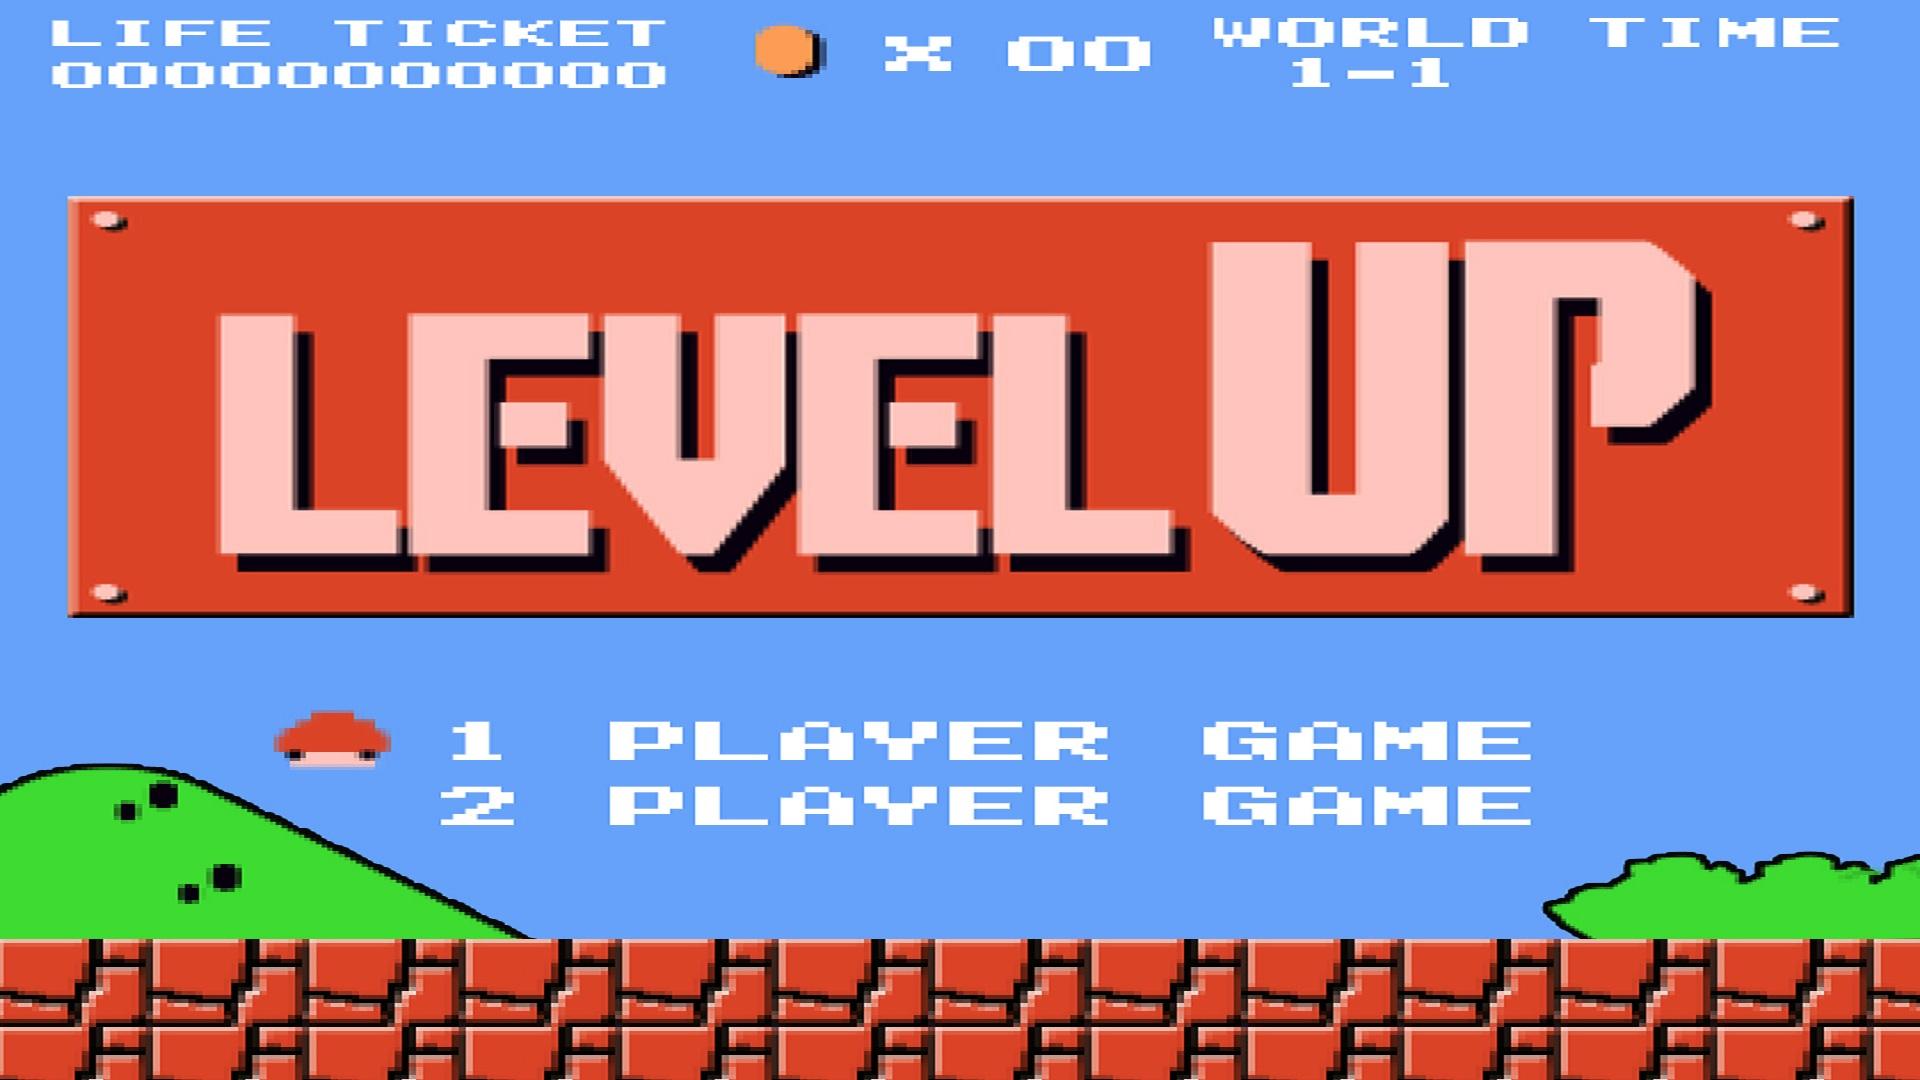 Level_Up_1920_1080